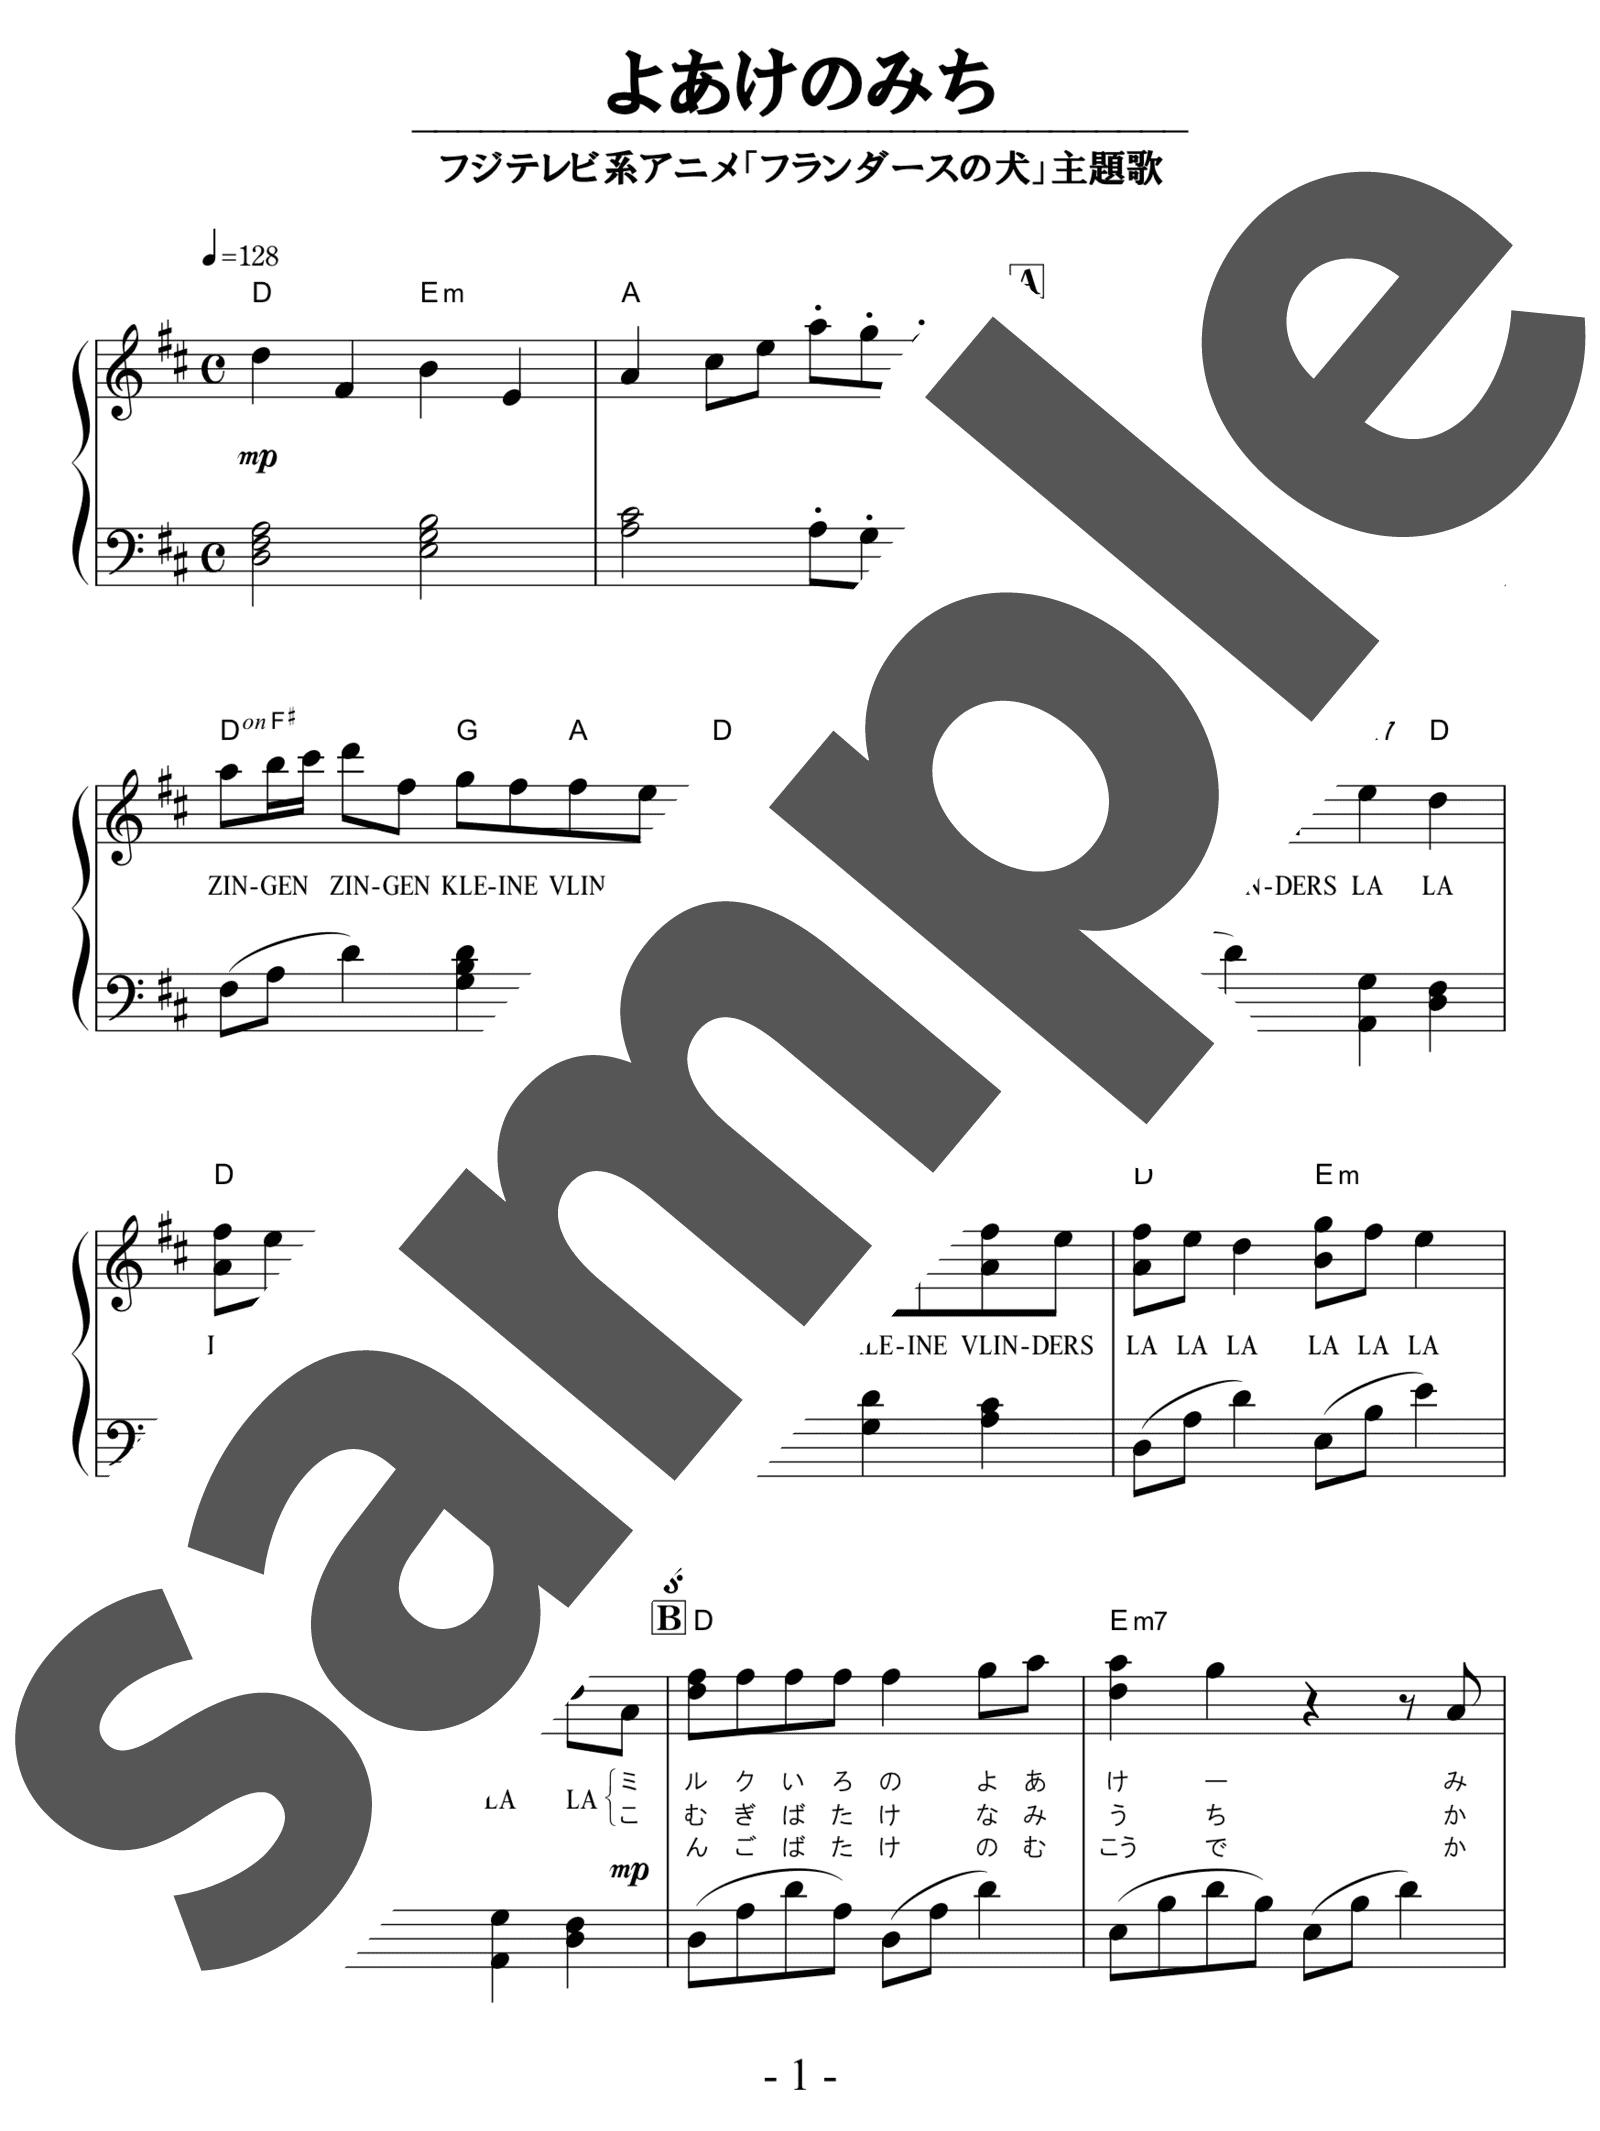 「よあけのみち」のサンプル楽譜